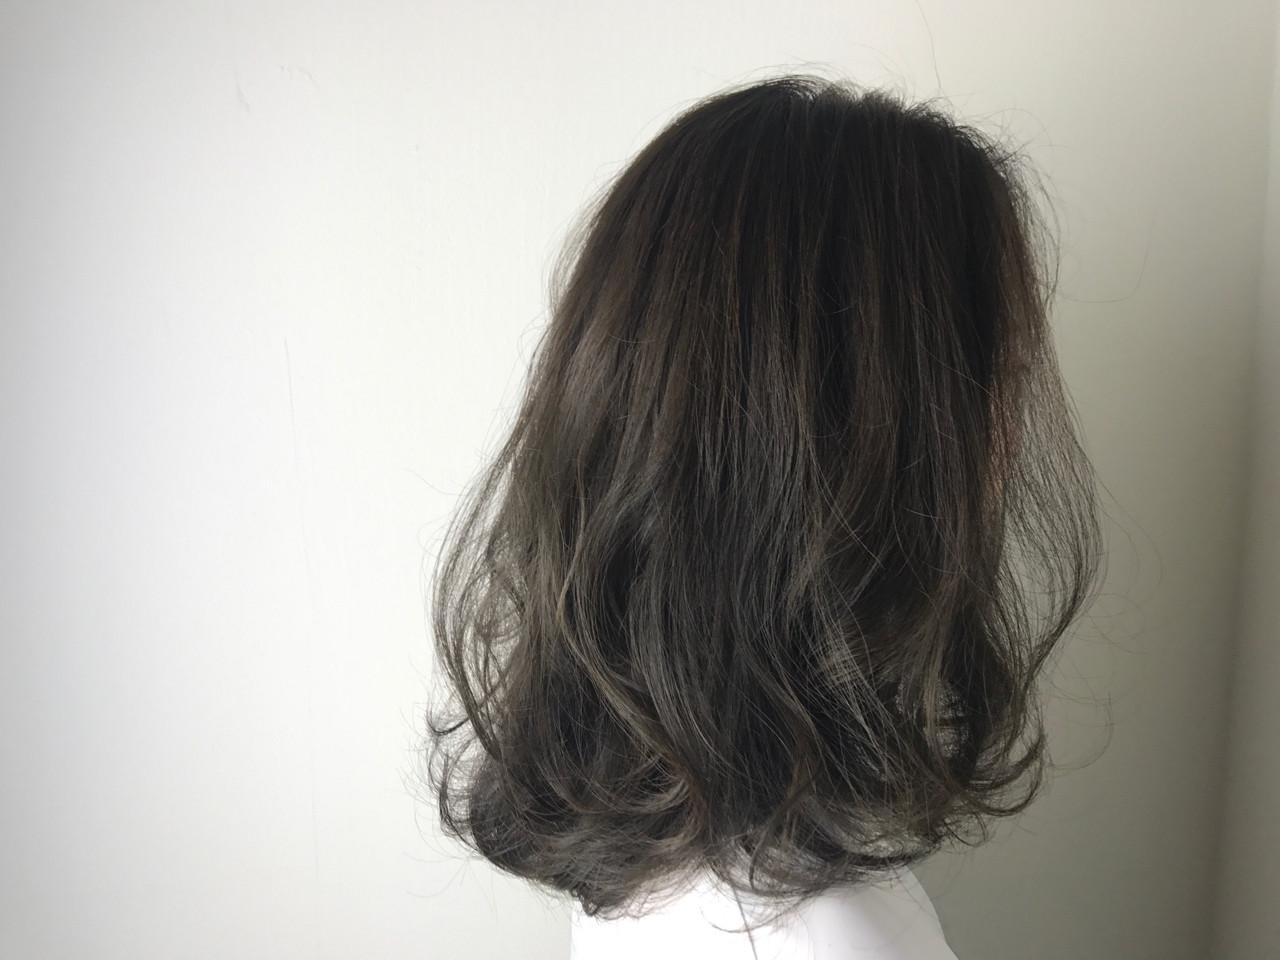 エレガント 外国人風カラー セミロング 上品 ヘアスタイルや髪型の写真・画像 | yama / SHAMPOOHAT